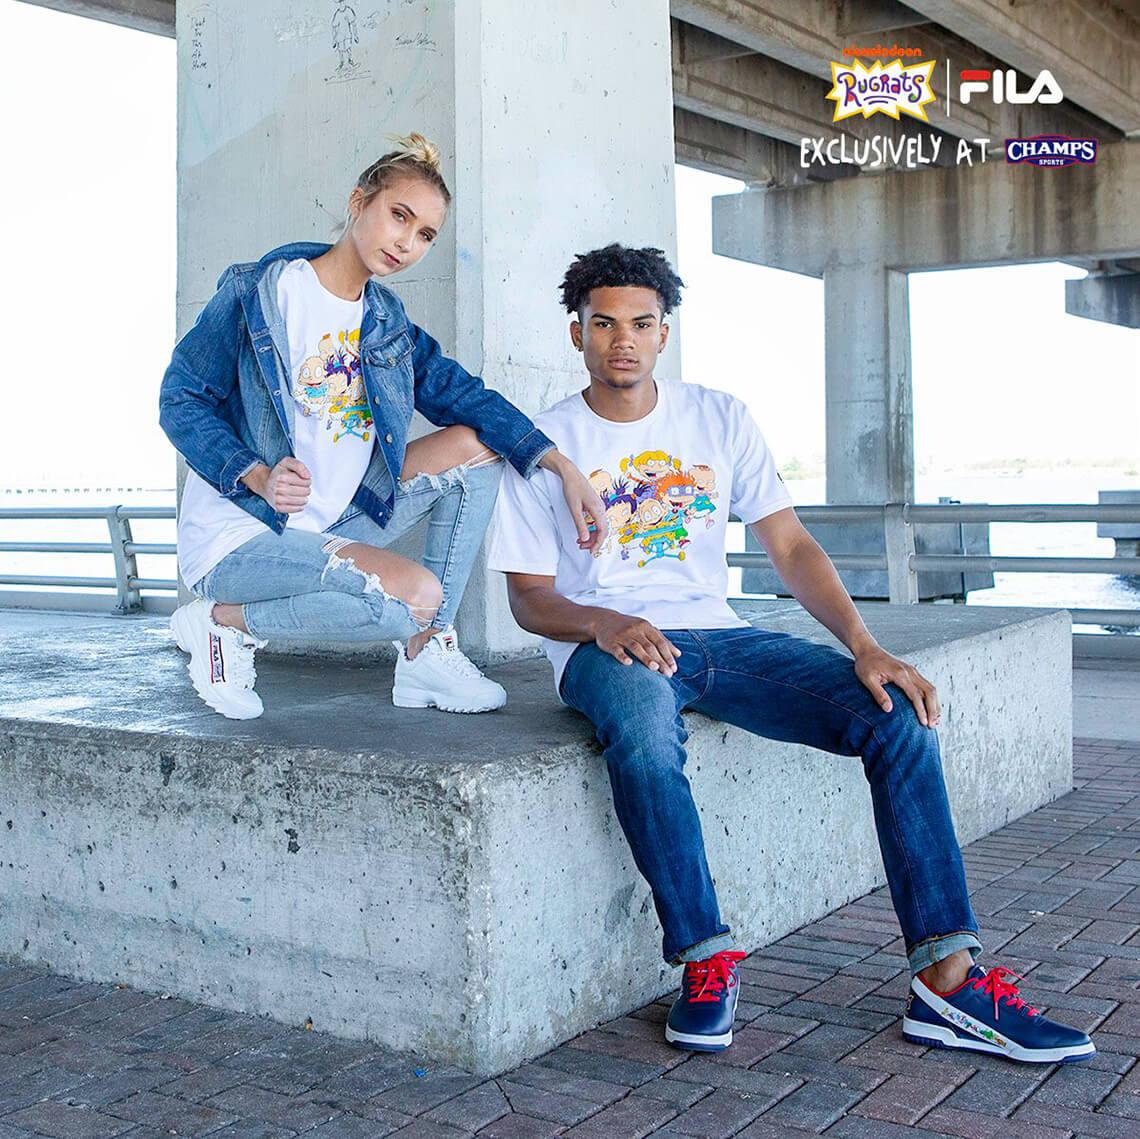 camisetas de FILA x Rugrats